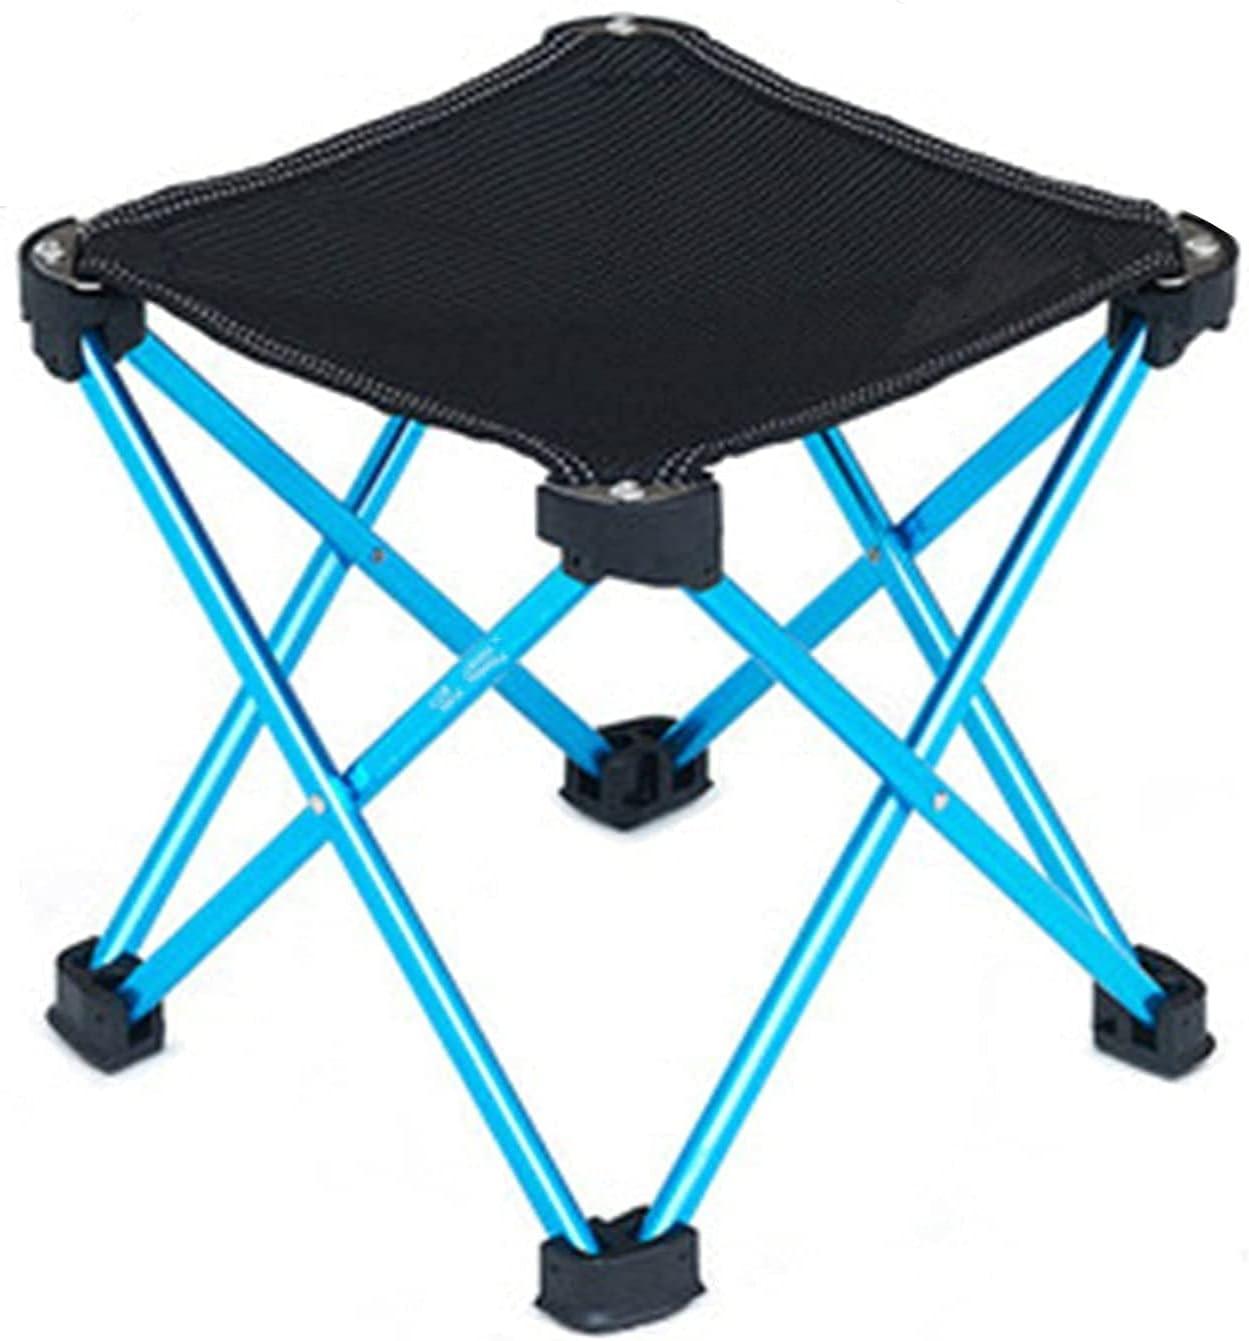 LIUXIN Regular discount Outdoor Lightweight Folding half F Camping Chair